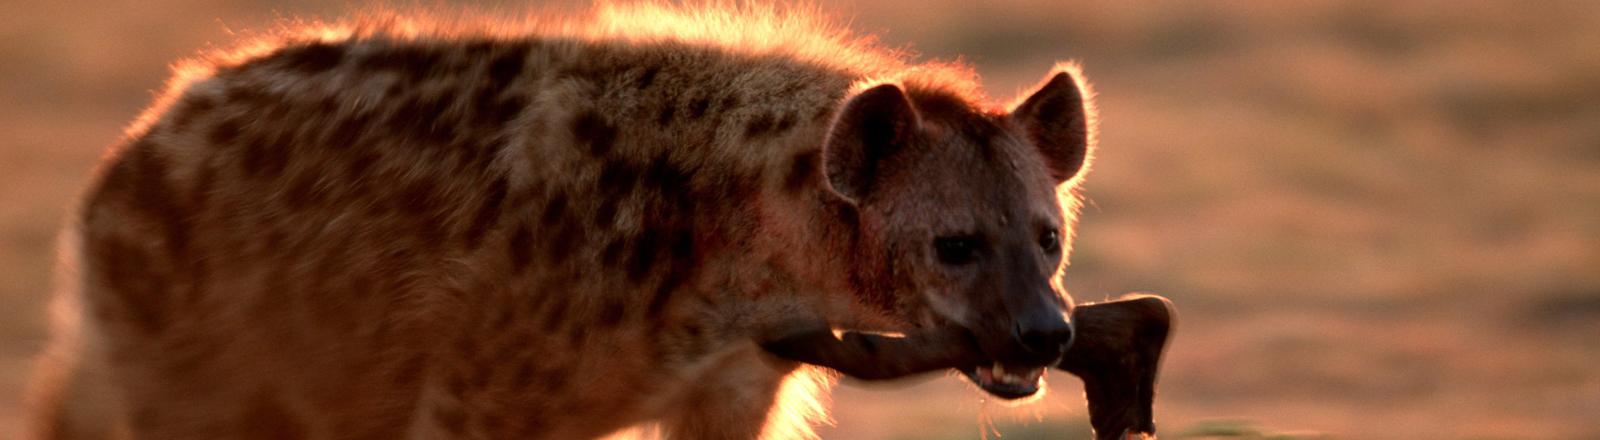 Eine Hyäne hält ein abgebissenen Lauf im Maul.